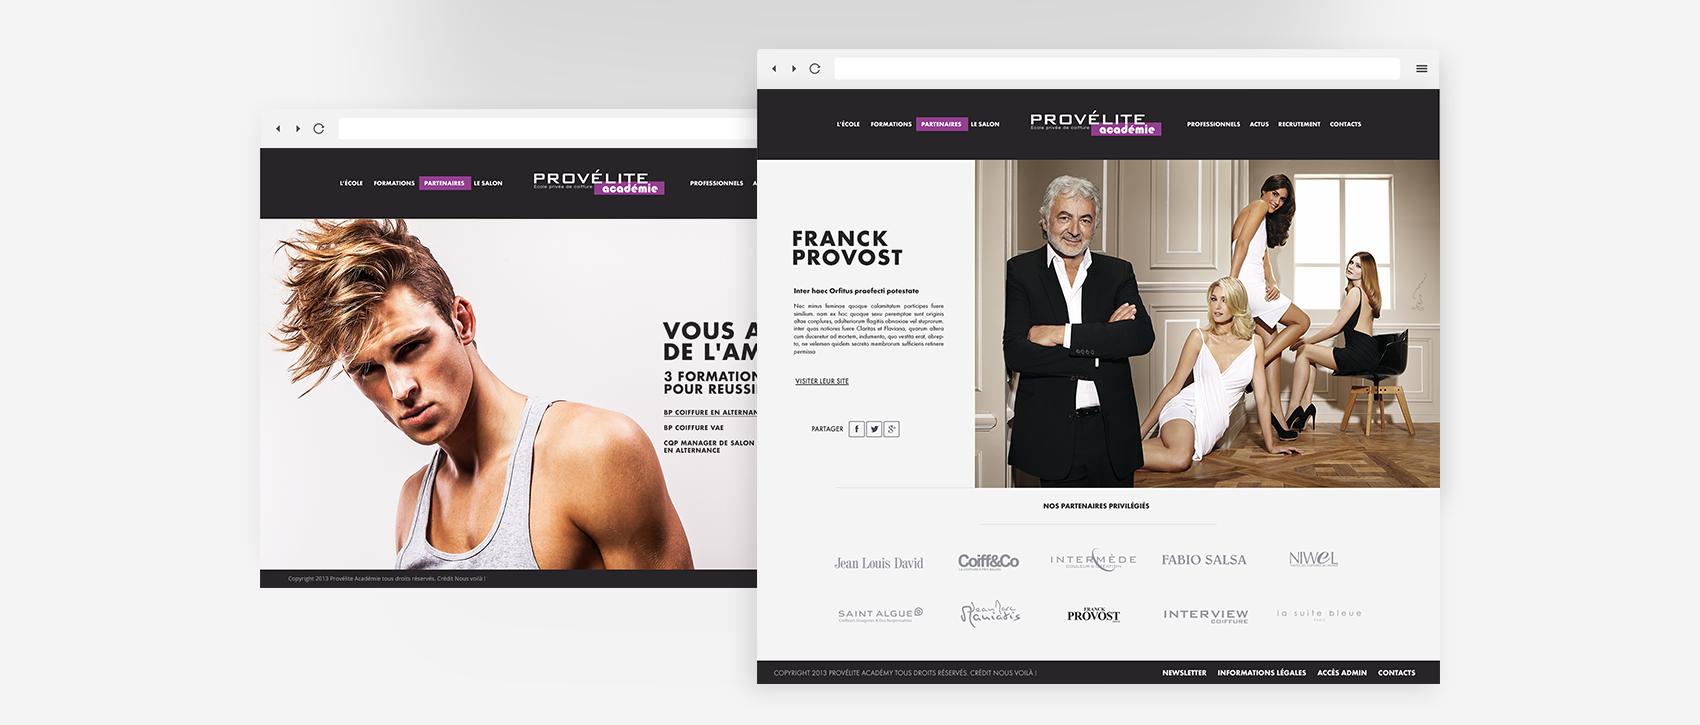 PREVELITE WEB SITE 2